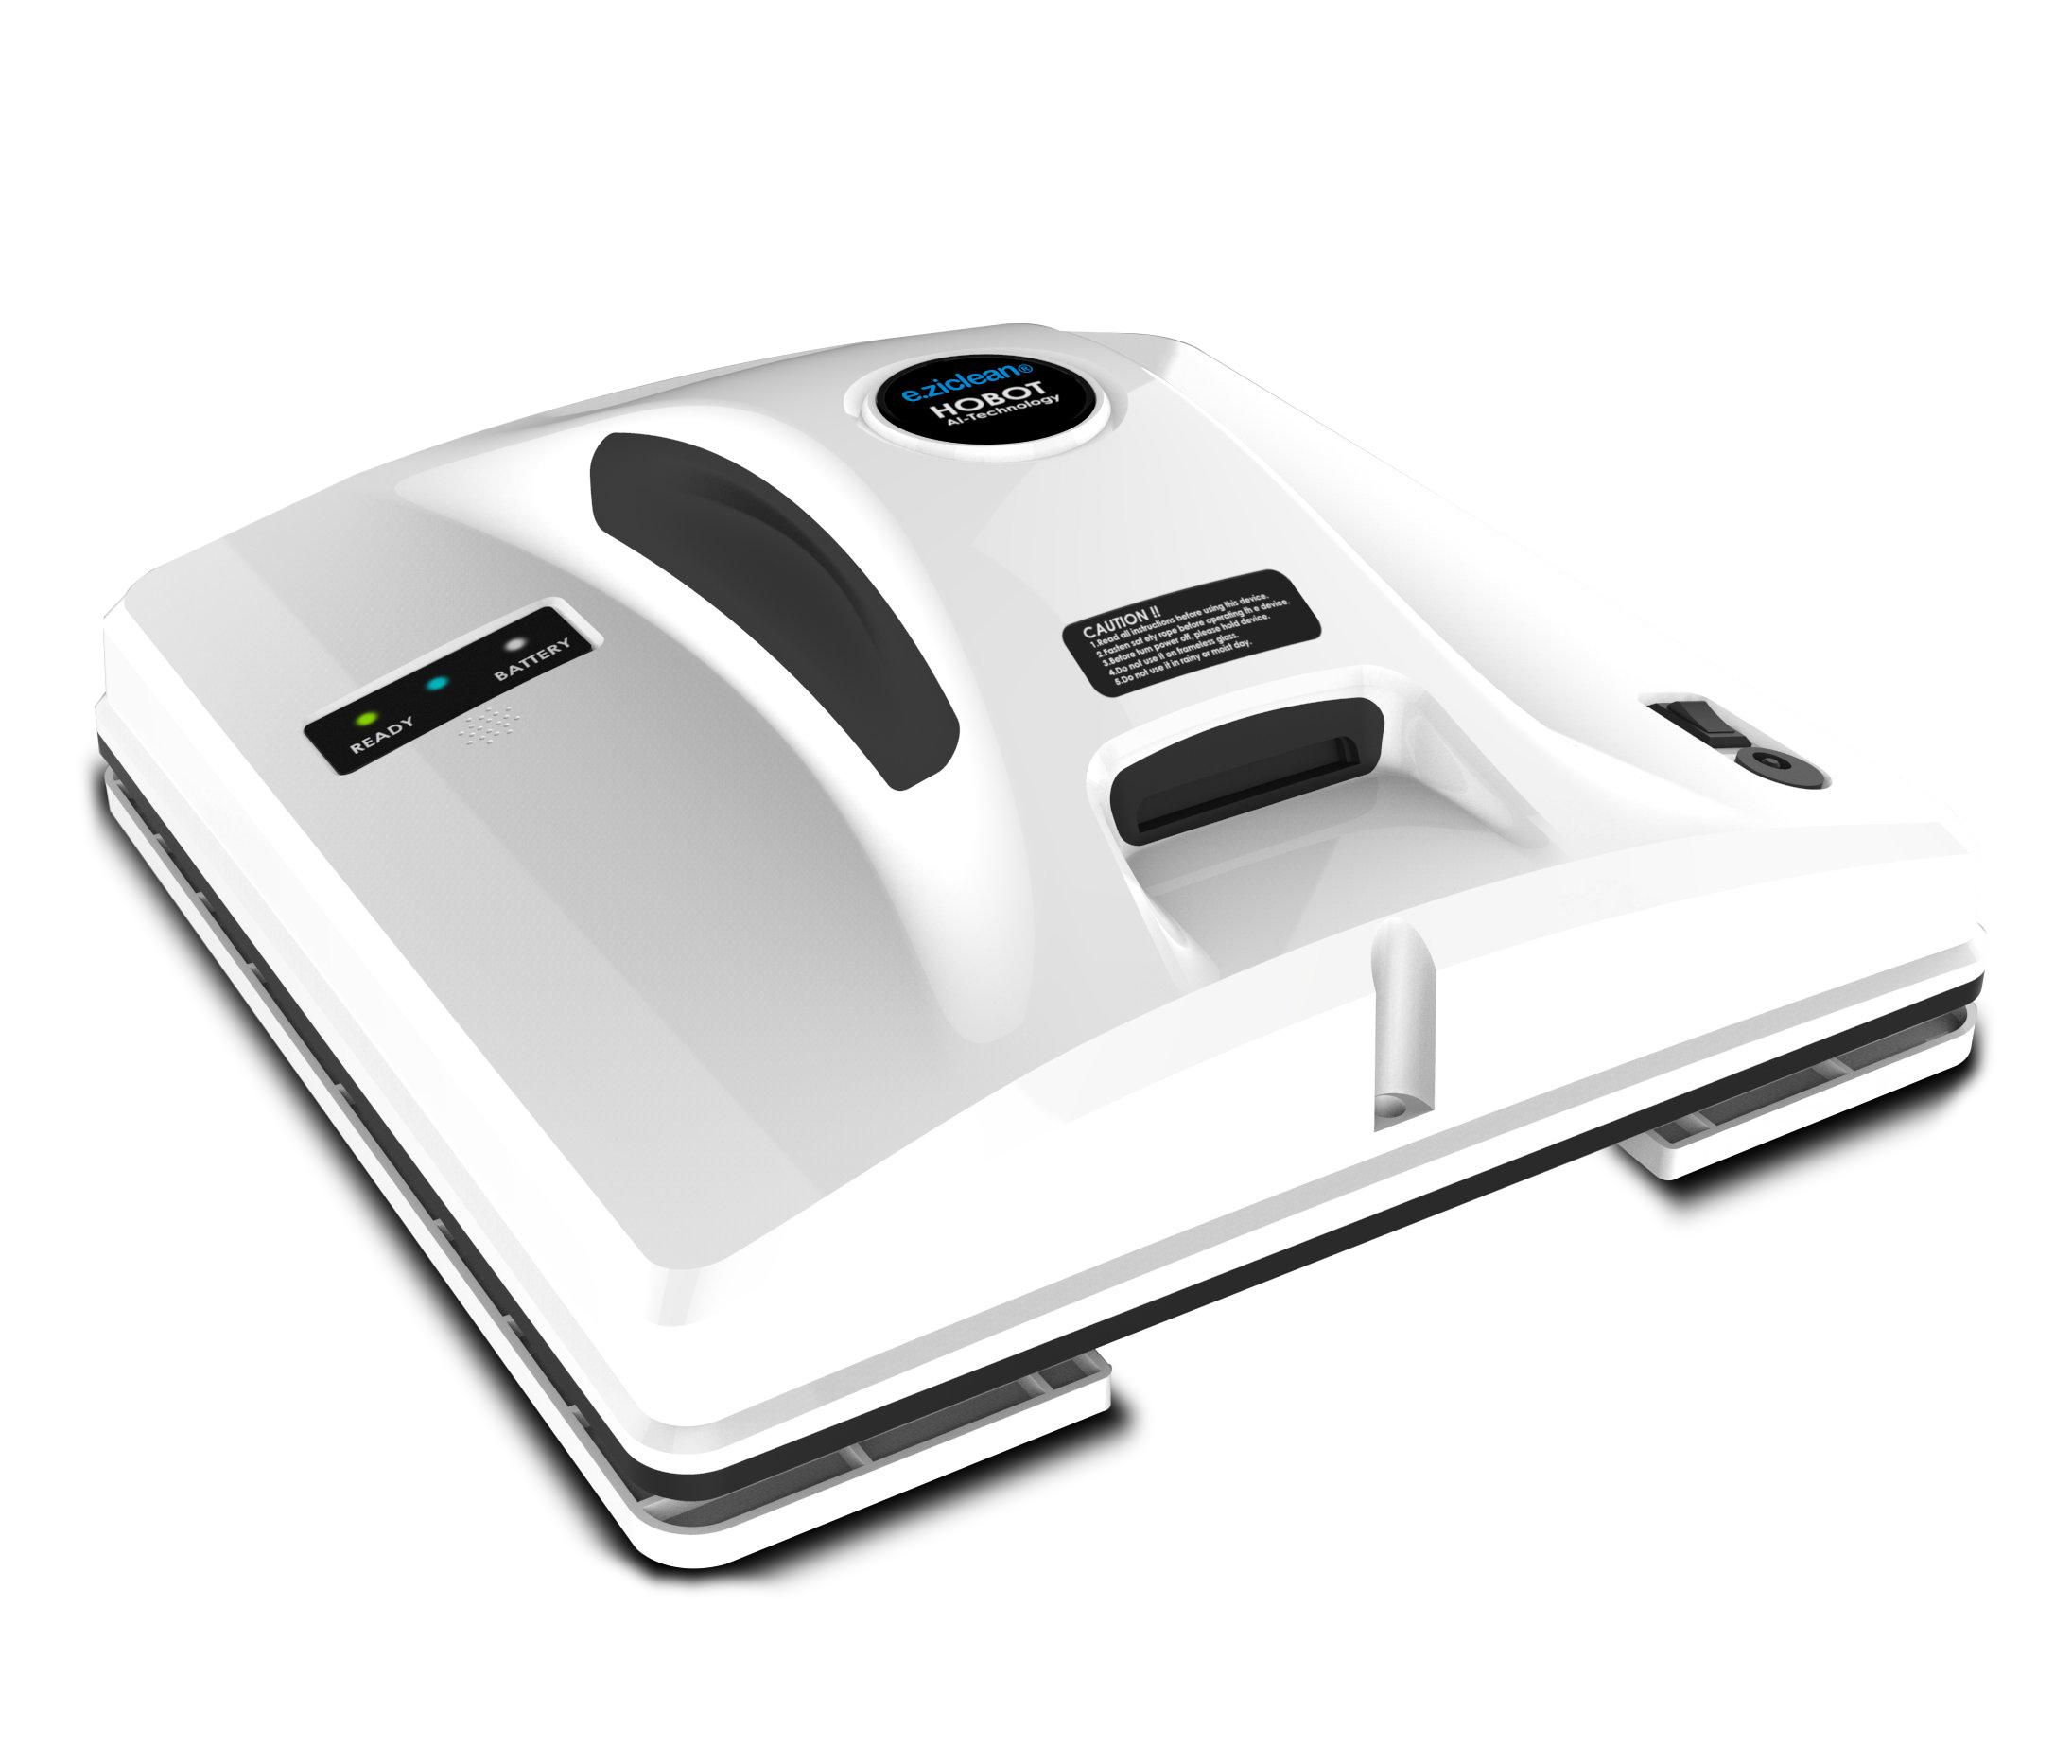 e ziclean robot laveur de vitres hobot square achat aspirateur robot. Black Bedroom Furniture Sets. Home Design Ideas